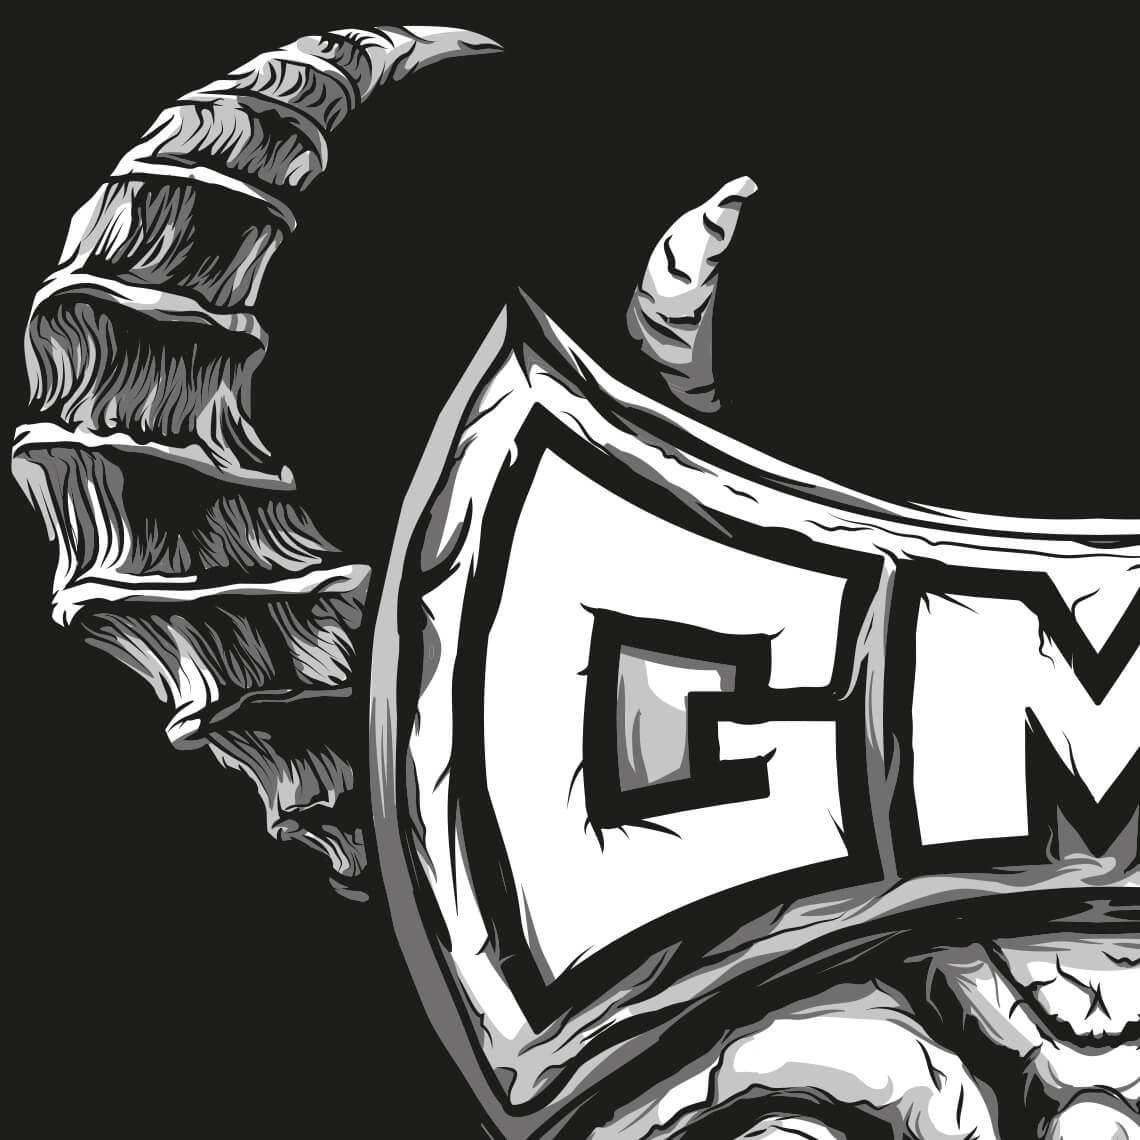 SLD_GMM_horns_detail_2_570x570